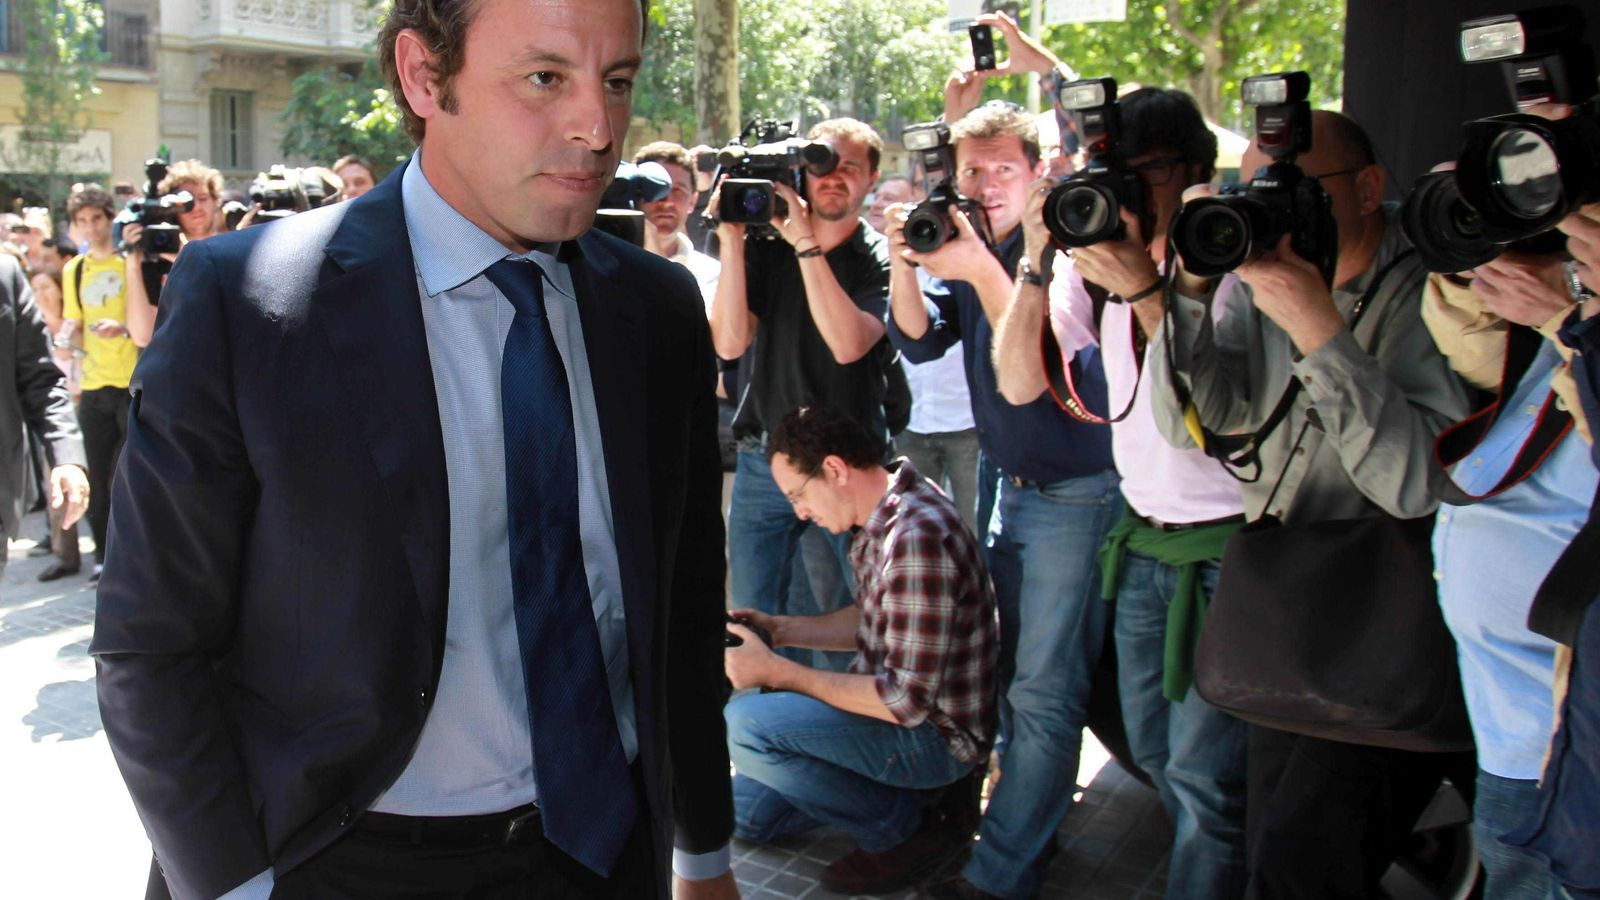 Sandro Rosell arribant al restaurant on es va celebrar el dinar de directives al migdia. / TONI ALBIR / EFE